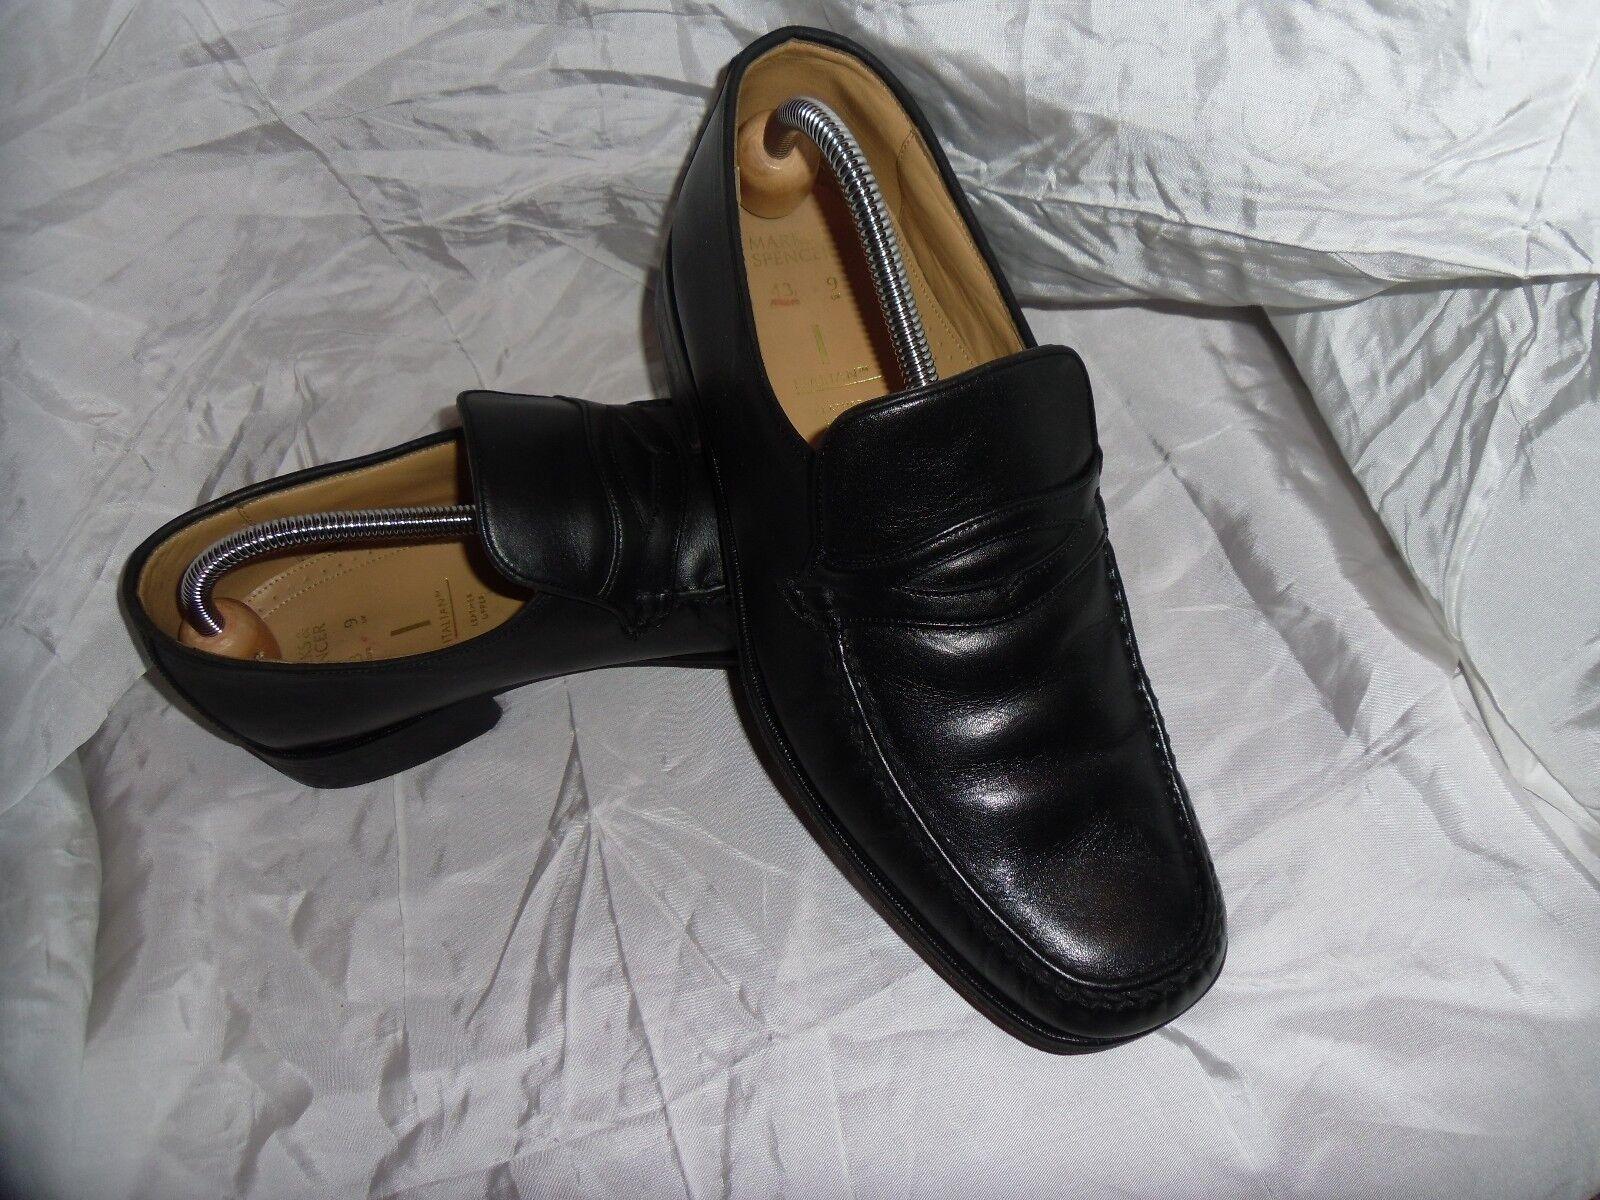 MARKS & SLIP SPENCER MEN'S BLACK LEATHER SLIP & ON Schuhe SIZE UK 9 EU 43 VGC 88b09d